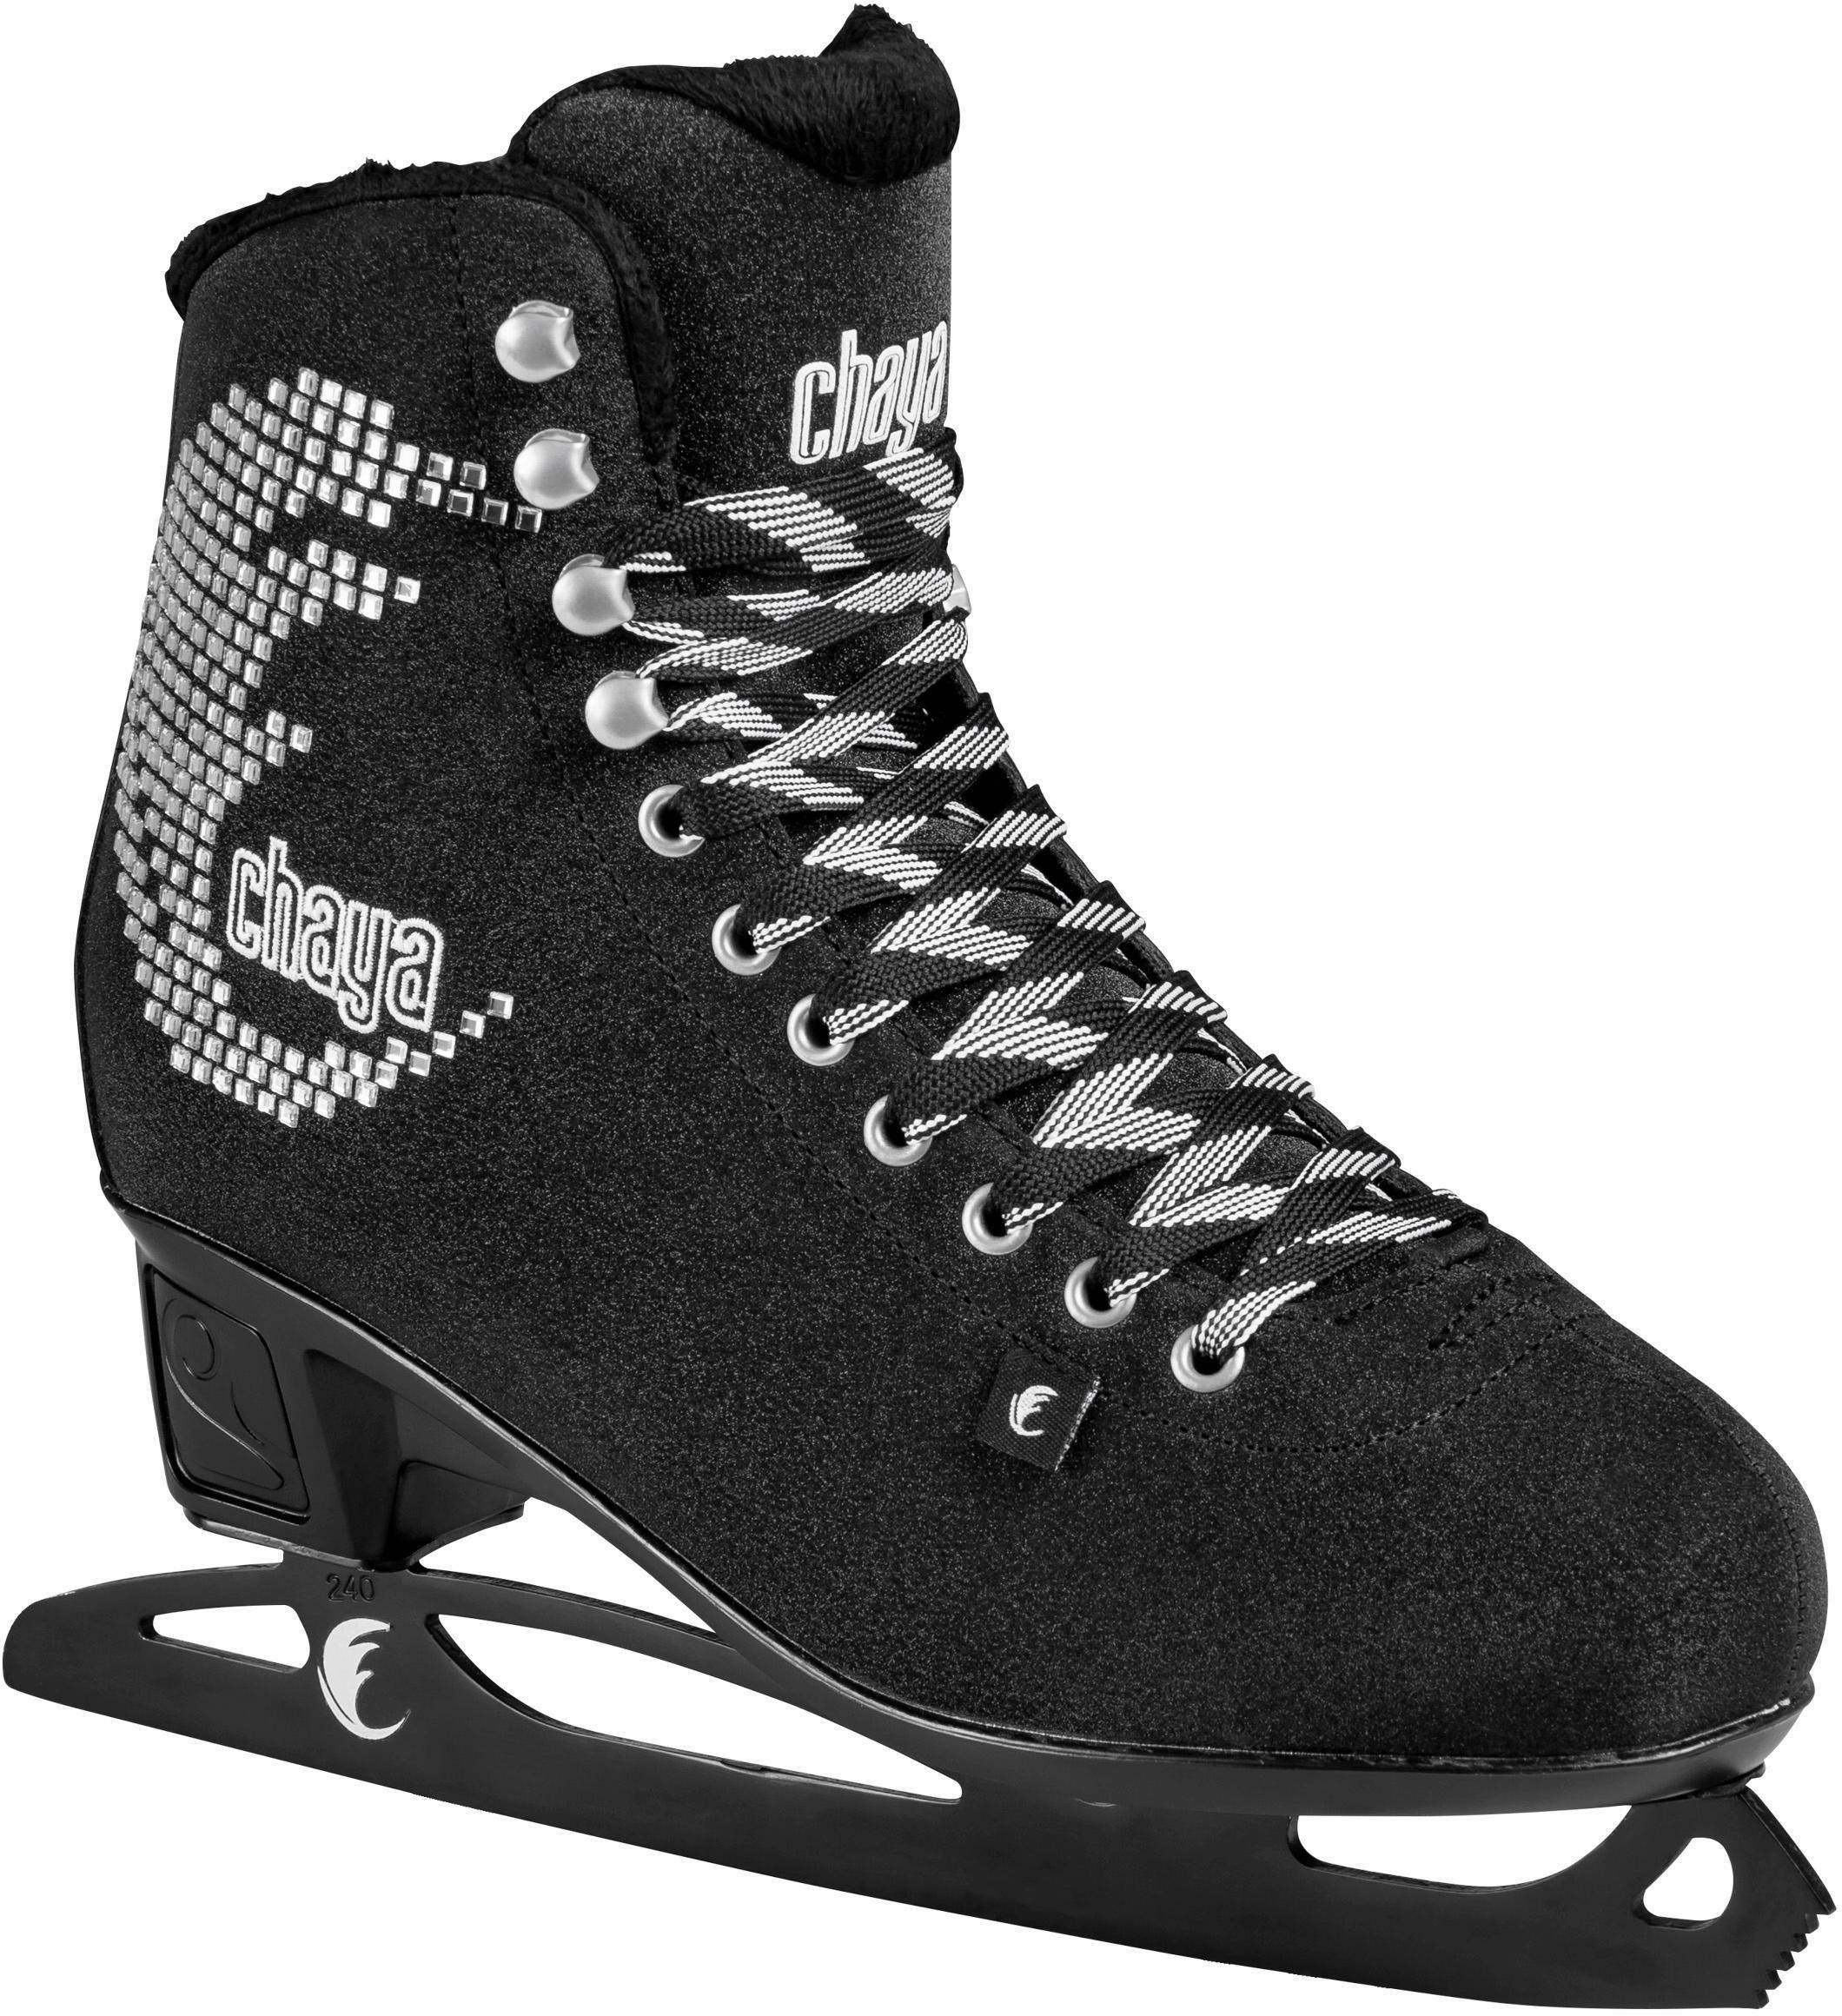 Chaya schaatsen, dames, zwart, »Noir« voordelig en veilig online kopen